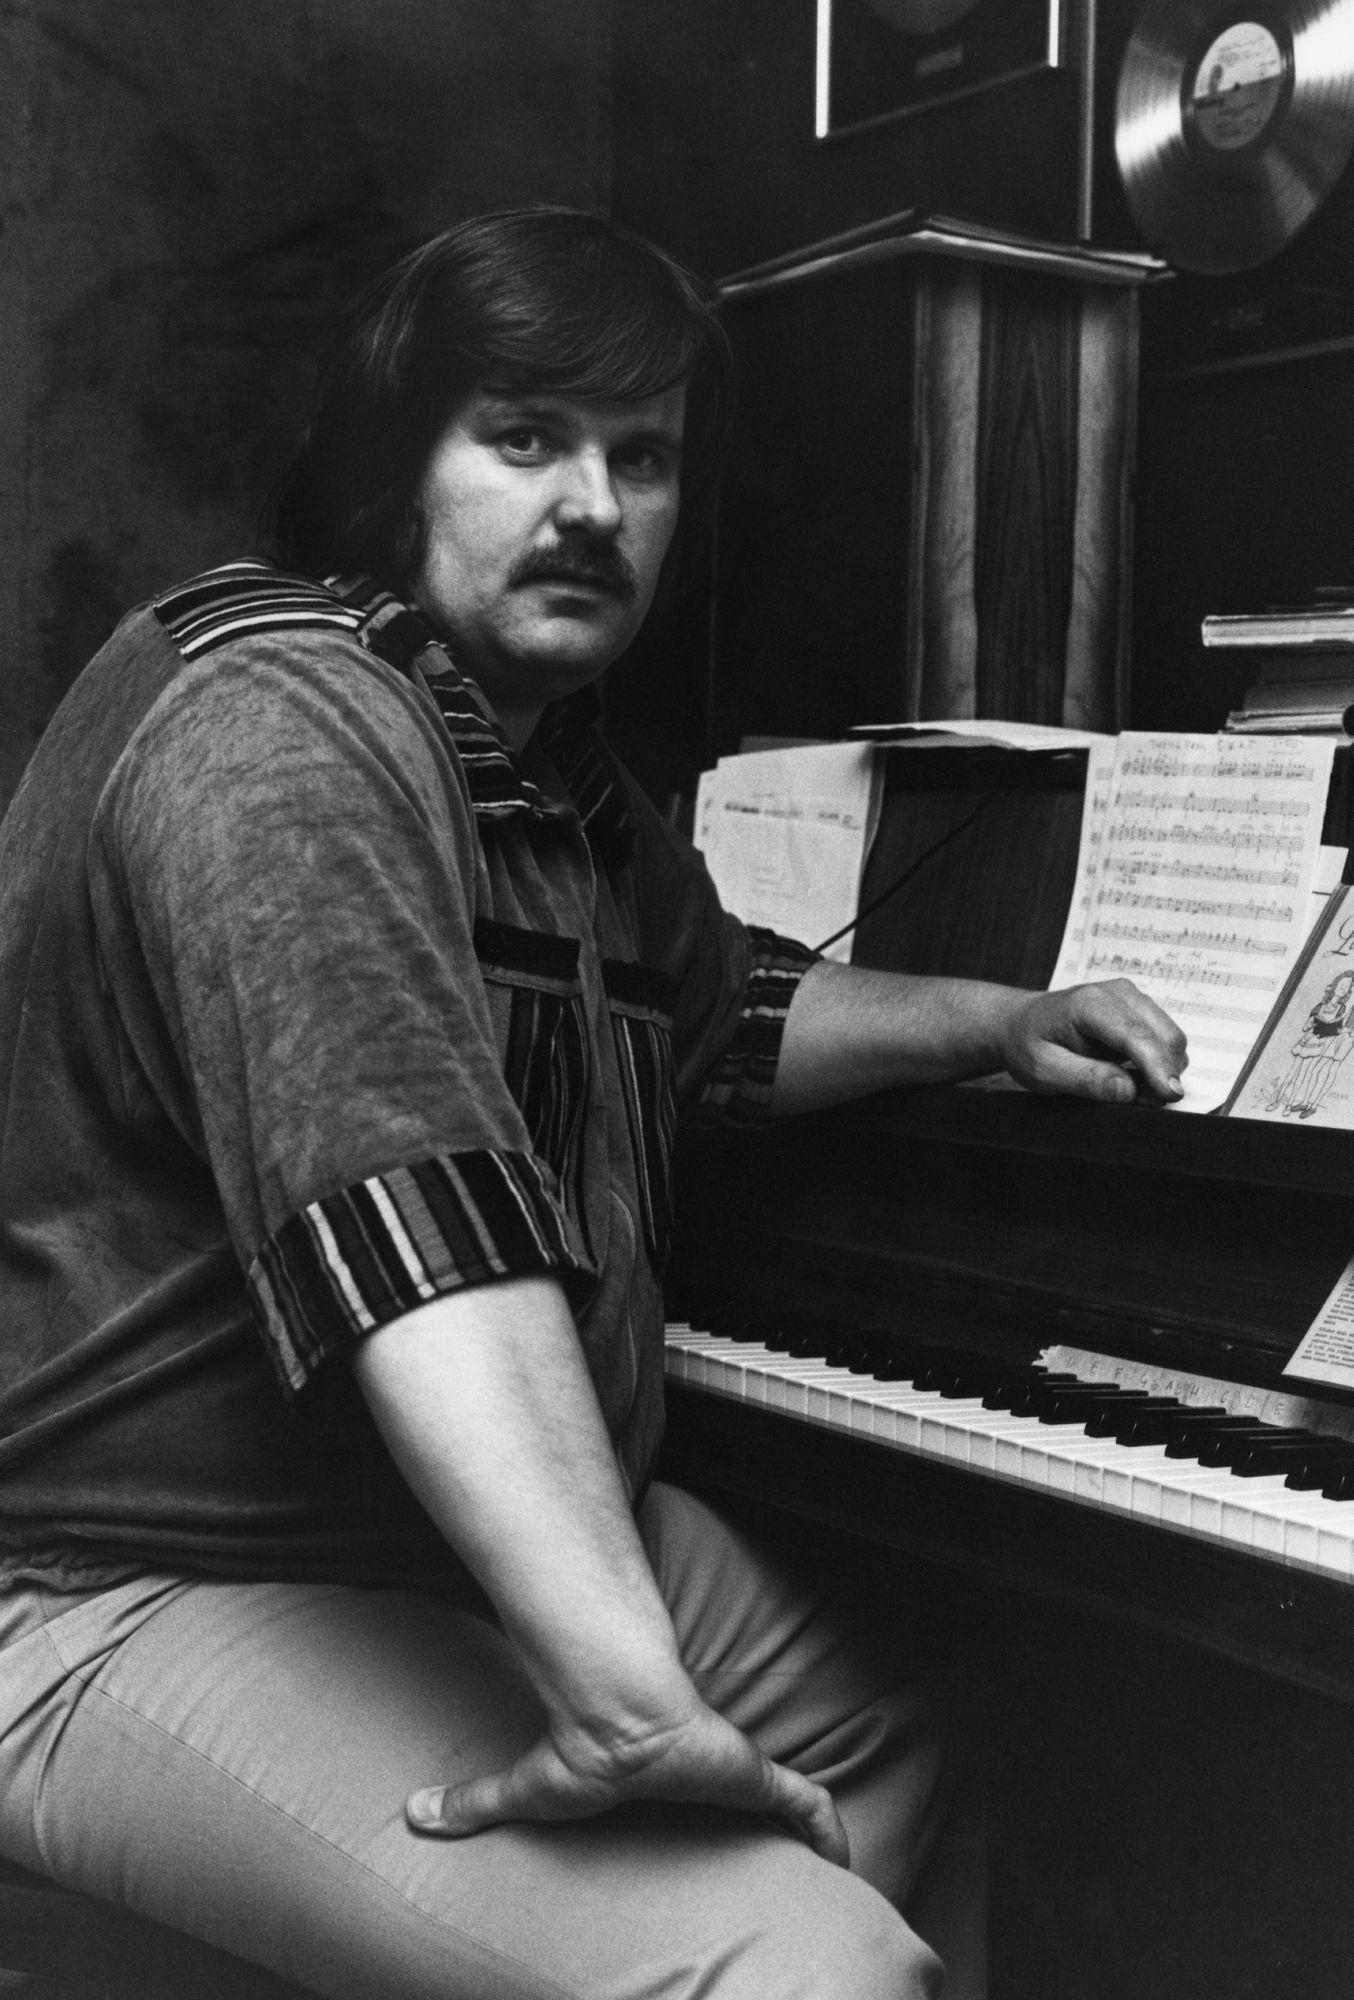 Fredi sävelsi hittejä niin itselleen kuin muillekin artisteille.